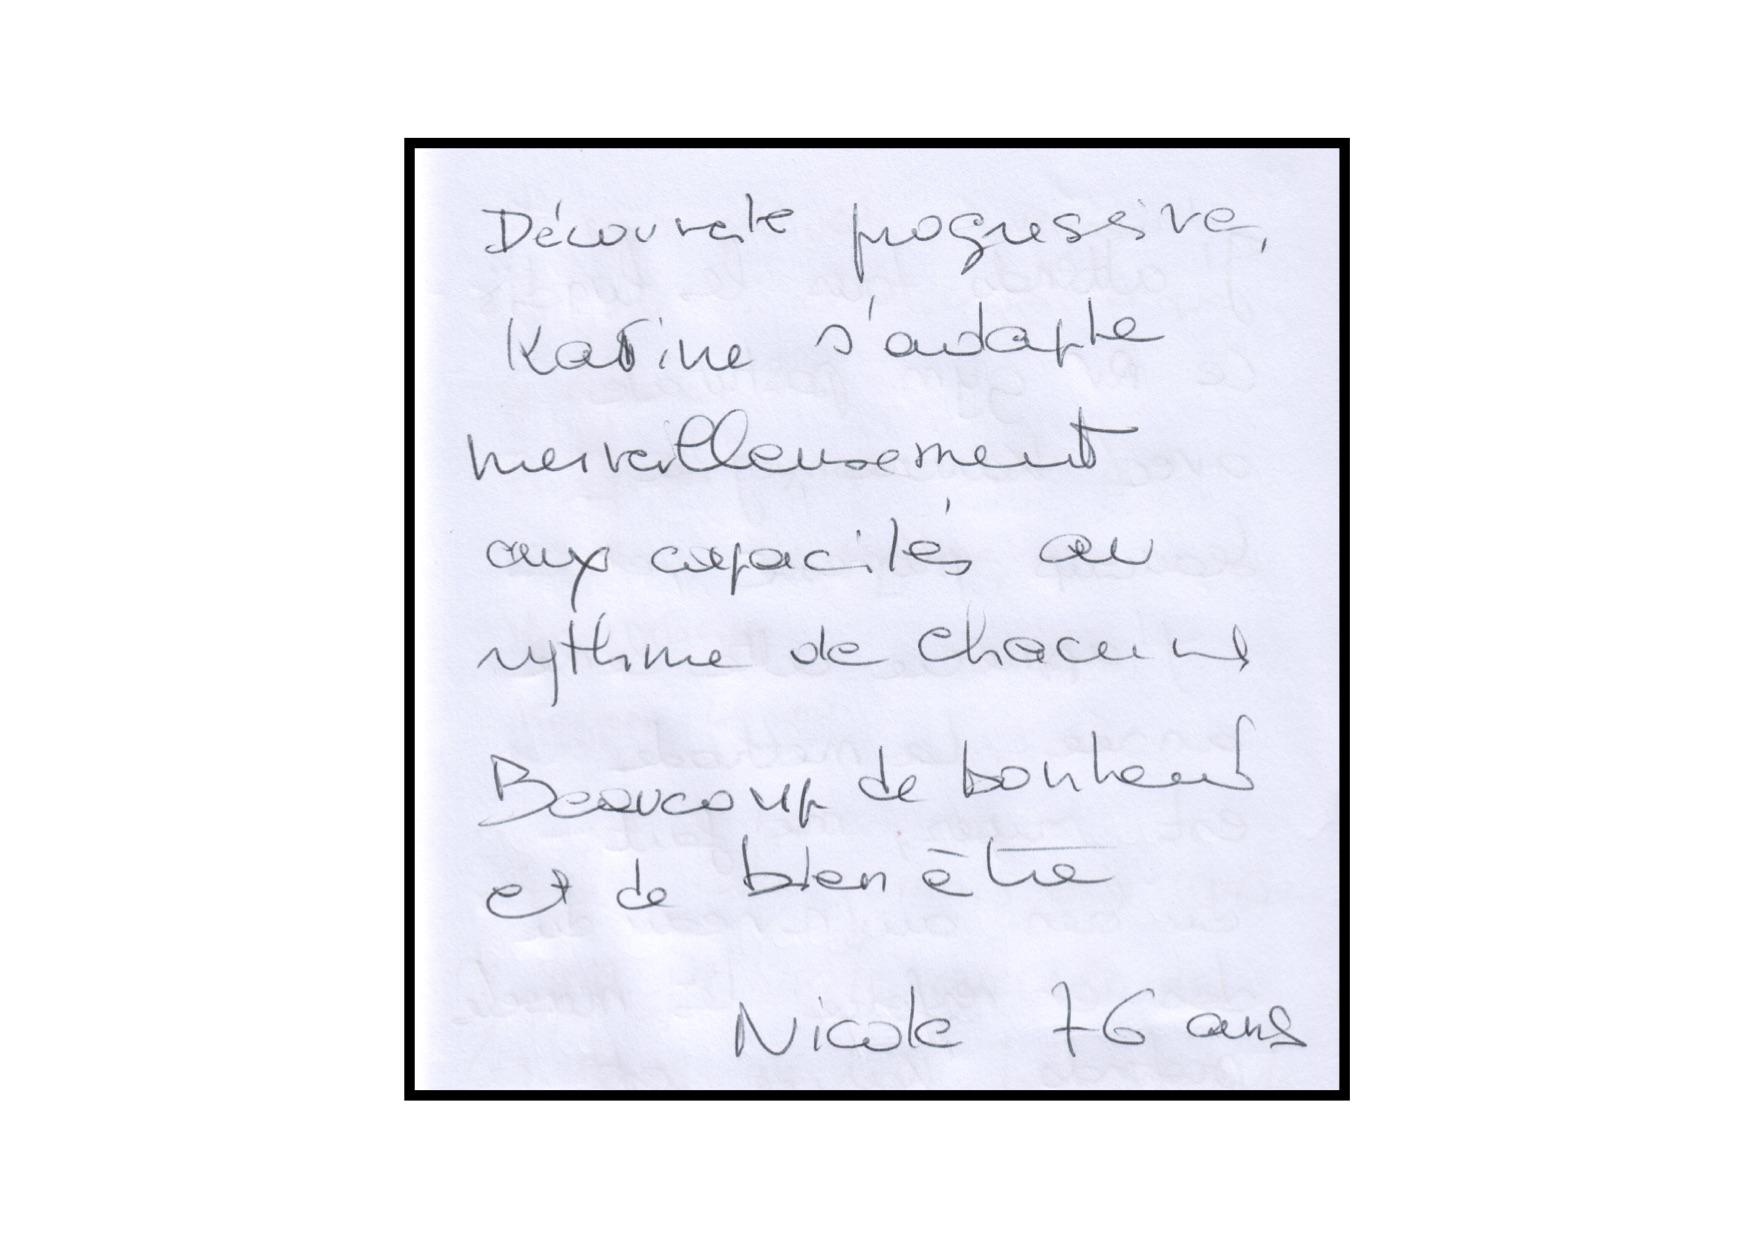 Témoignage de Nicole